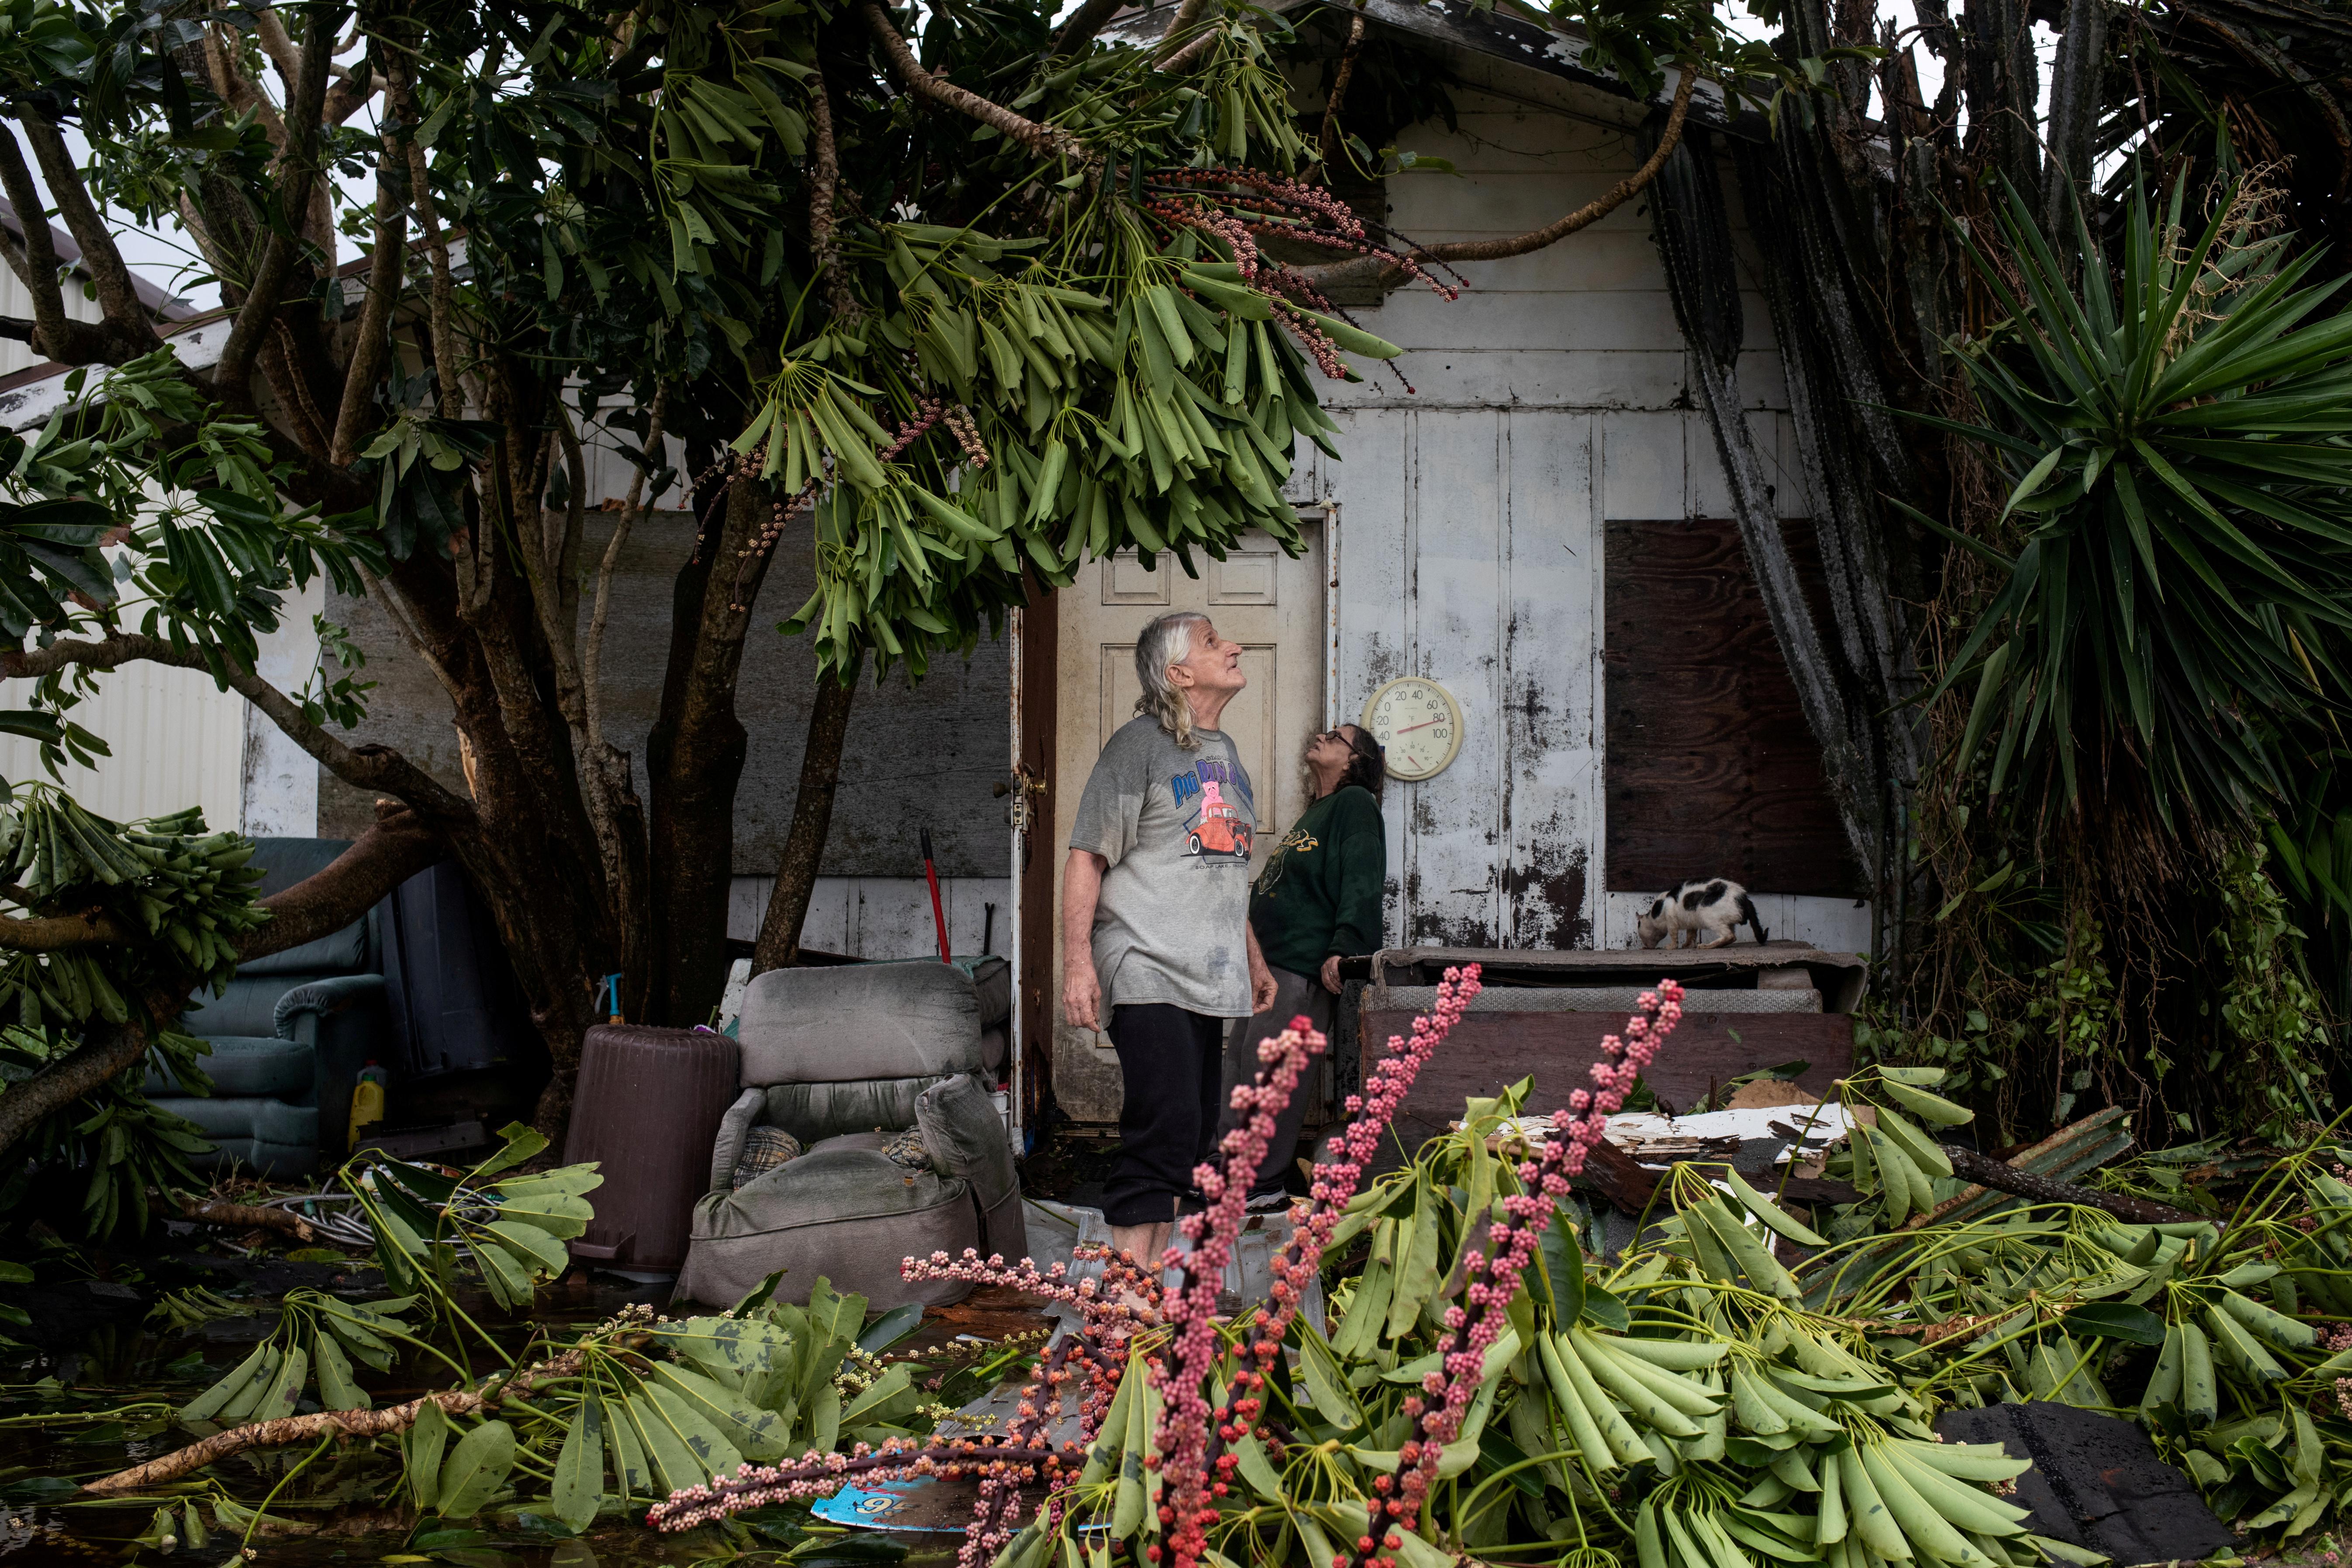 Charles Pecce, 70, y su esposa Sharon Pecce, 76, revisan los daños a su casa en Port Mansfield, Texas (REUTERS/Adrees Latif)